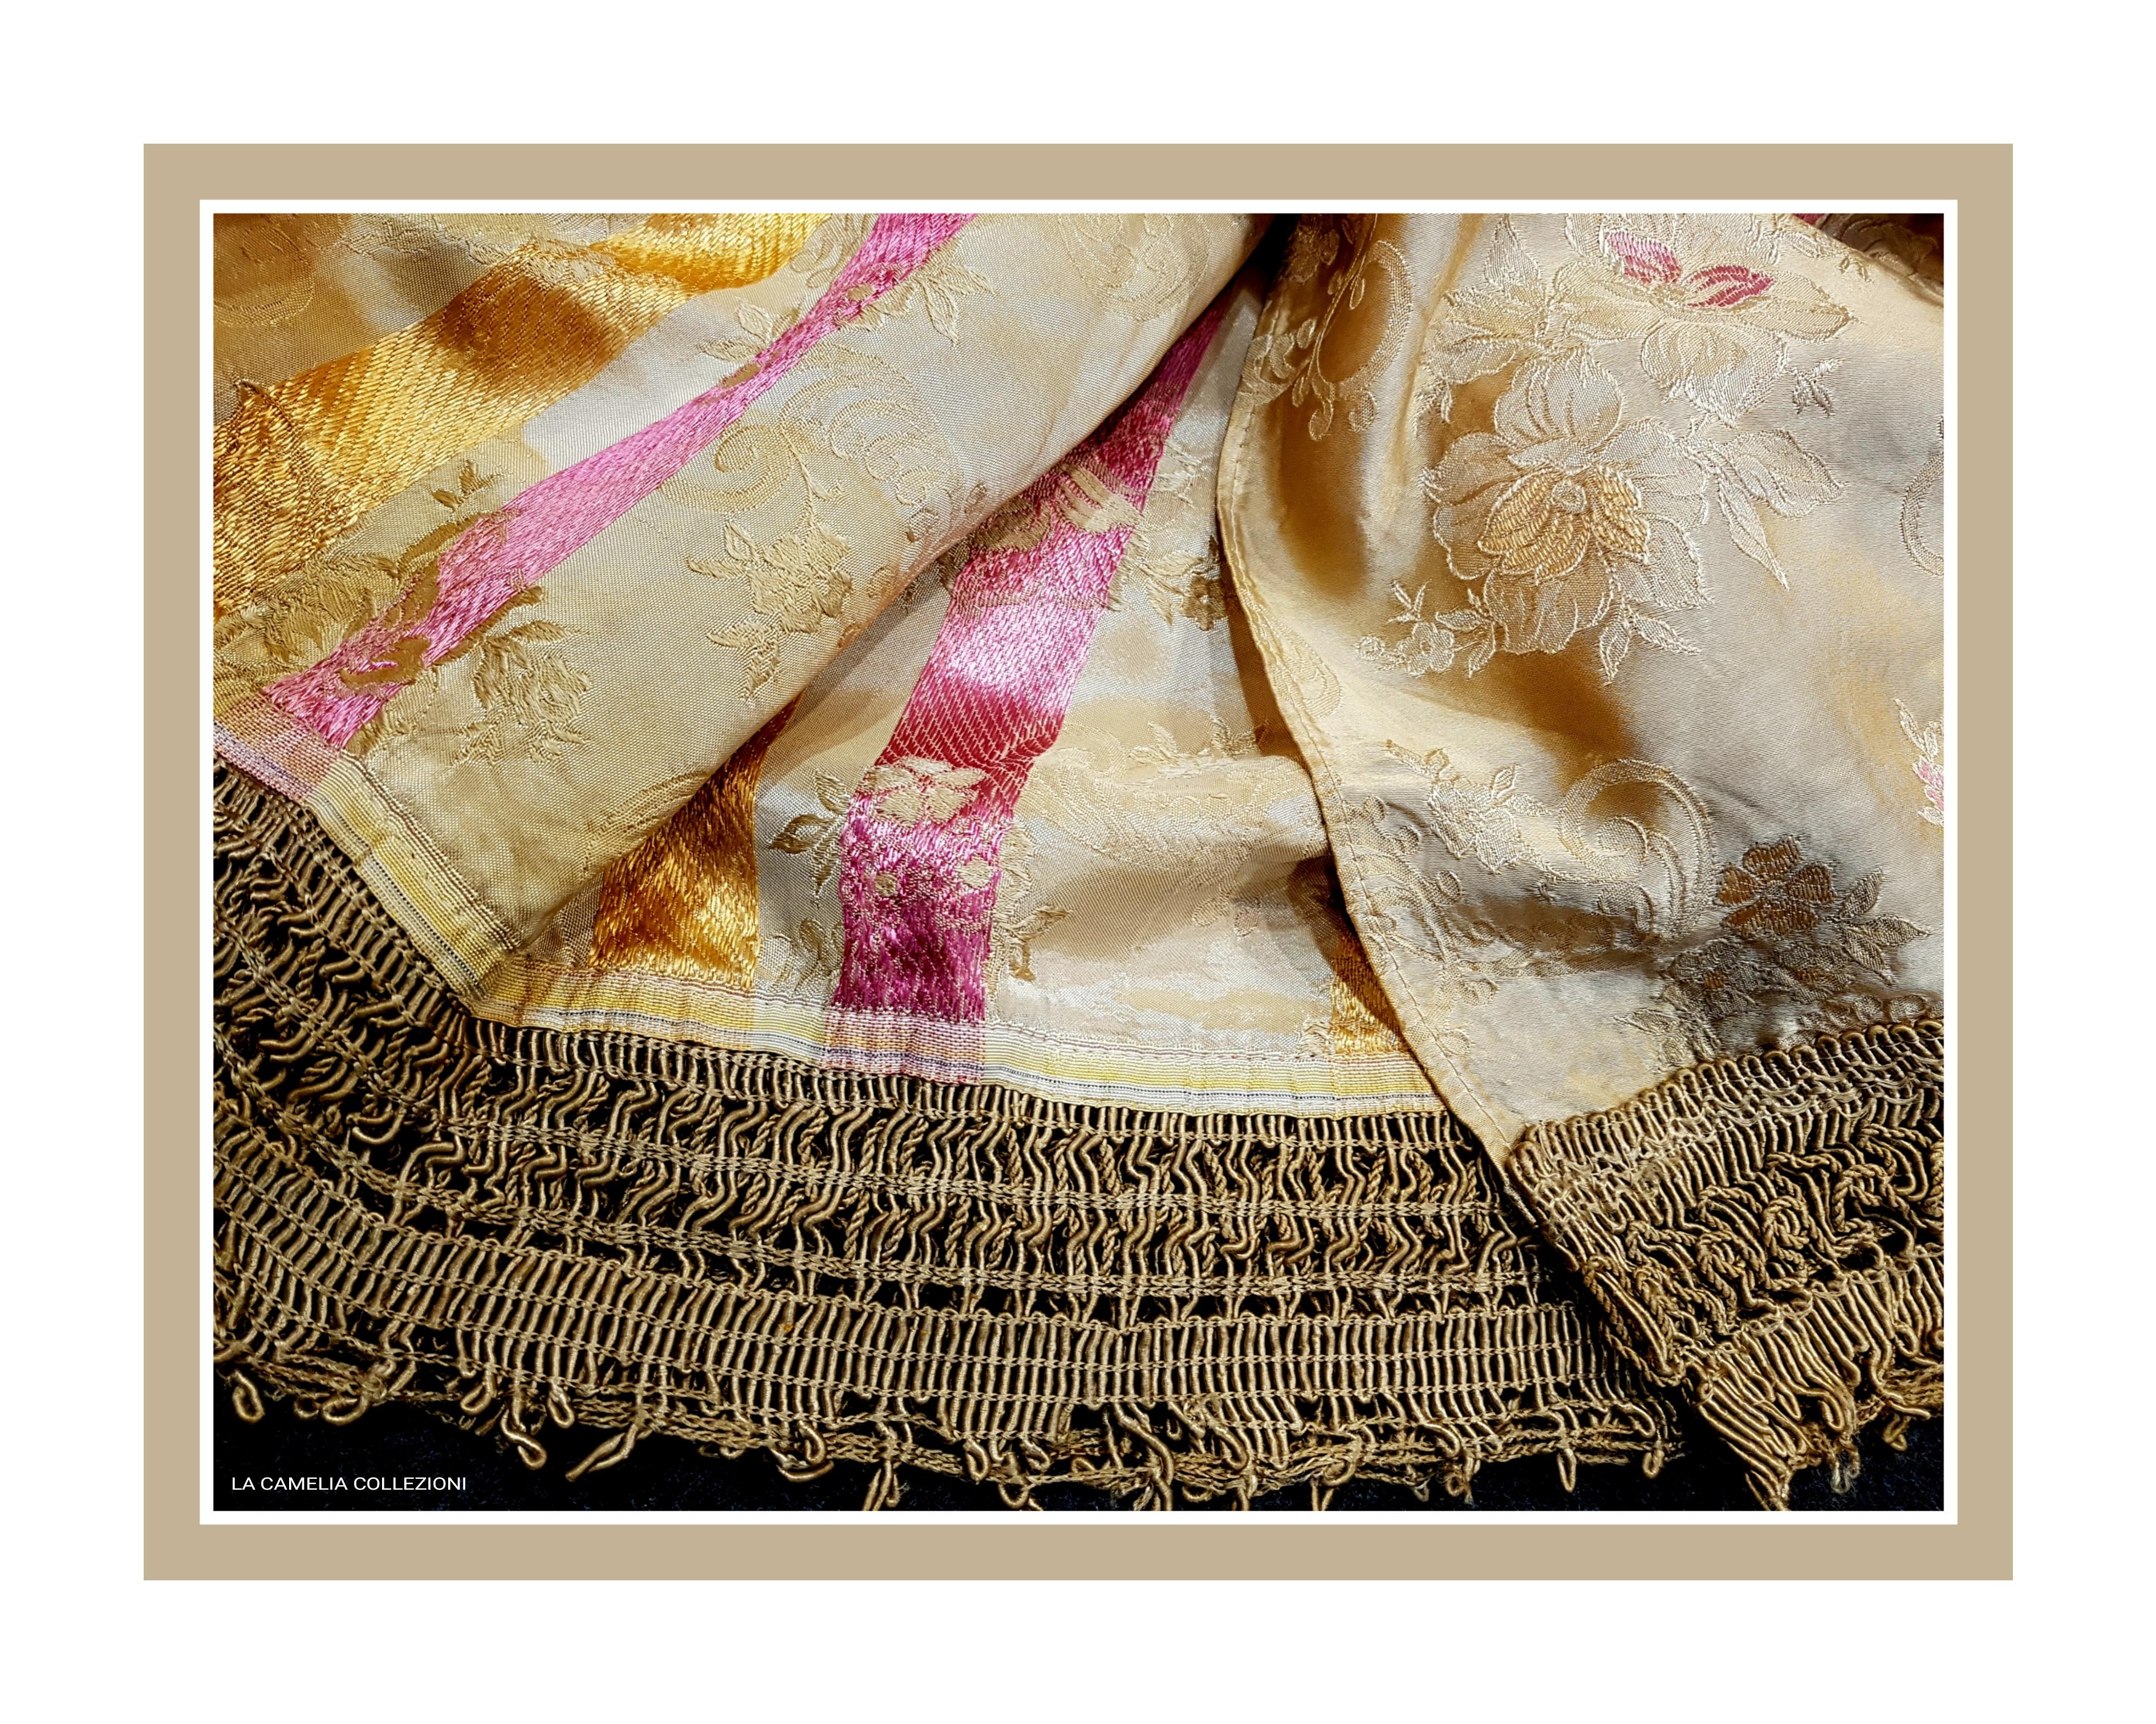 copriletto secolo 900 beige con ramages chiaro scuro - la camelia collezioni.jpg